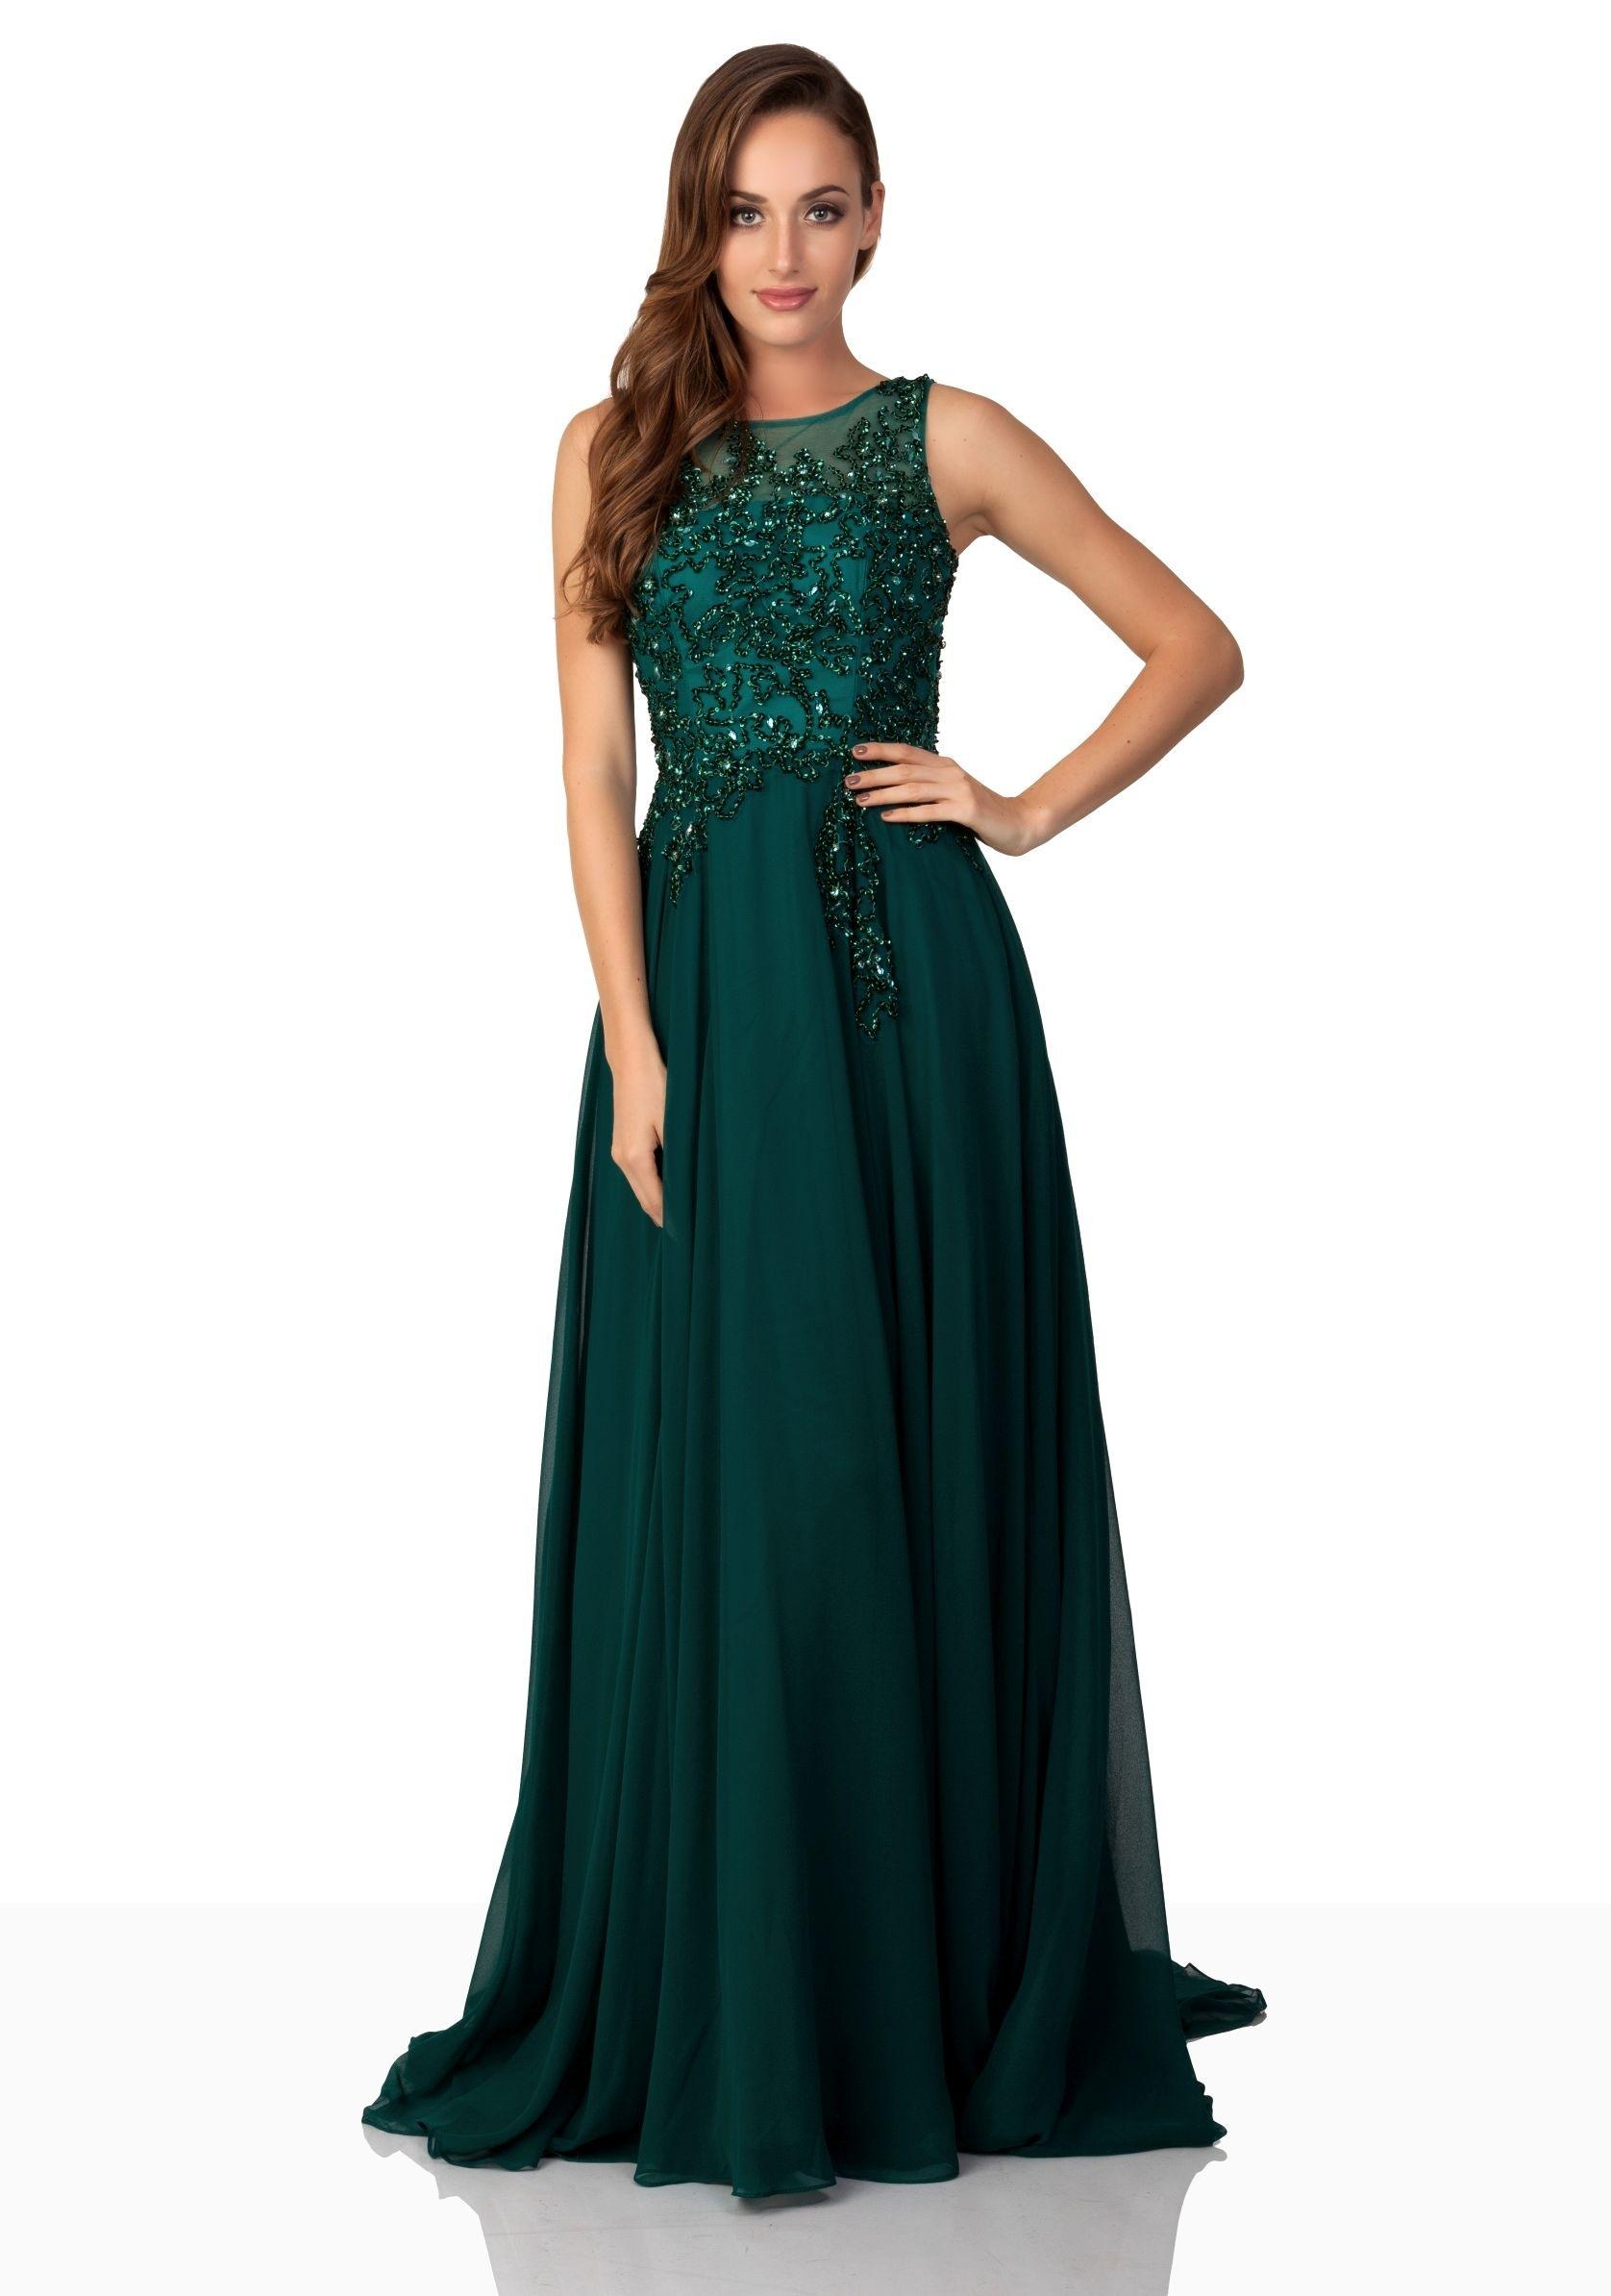 13 Kreativ Traumhafte Abendkleider Stylish13 Luxurius Traumhafte Abendkleider Stylish